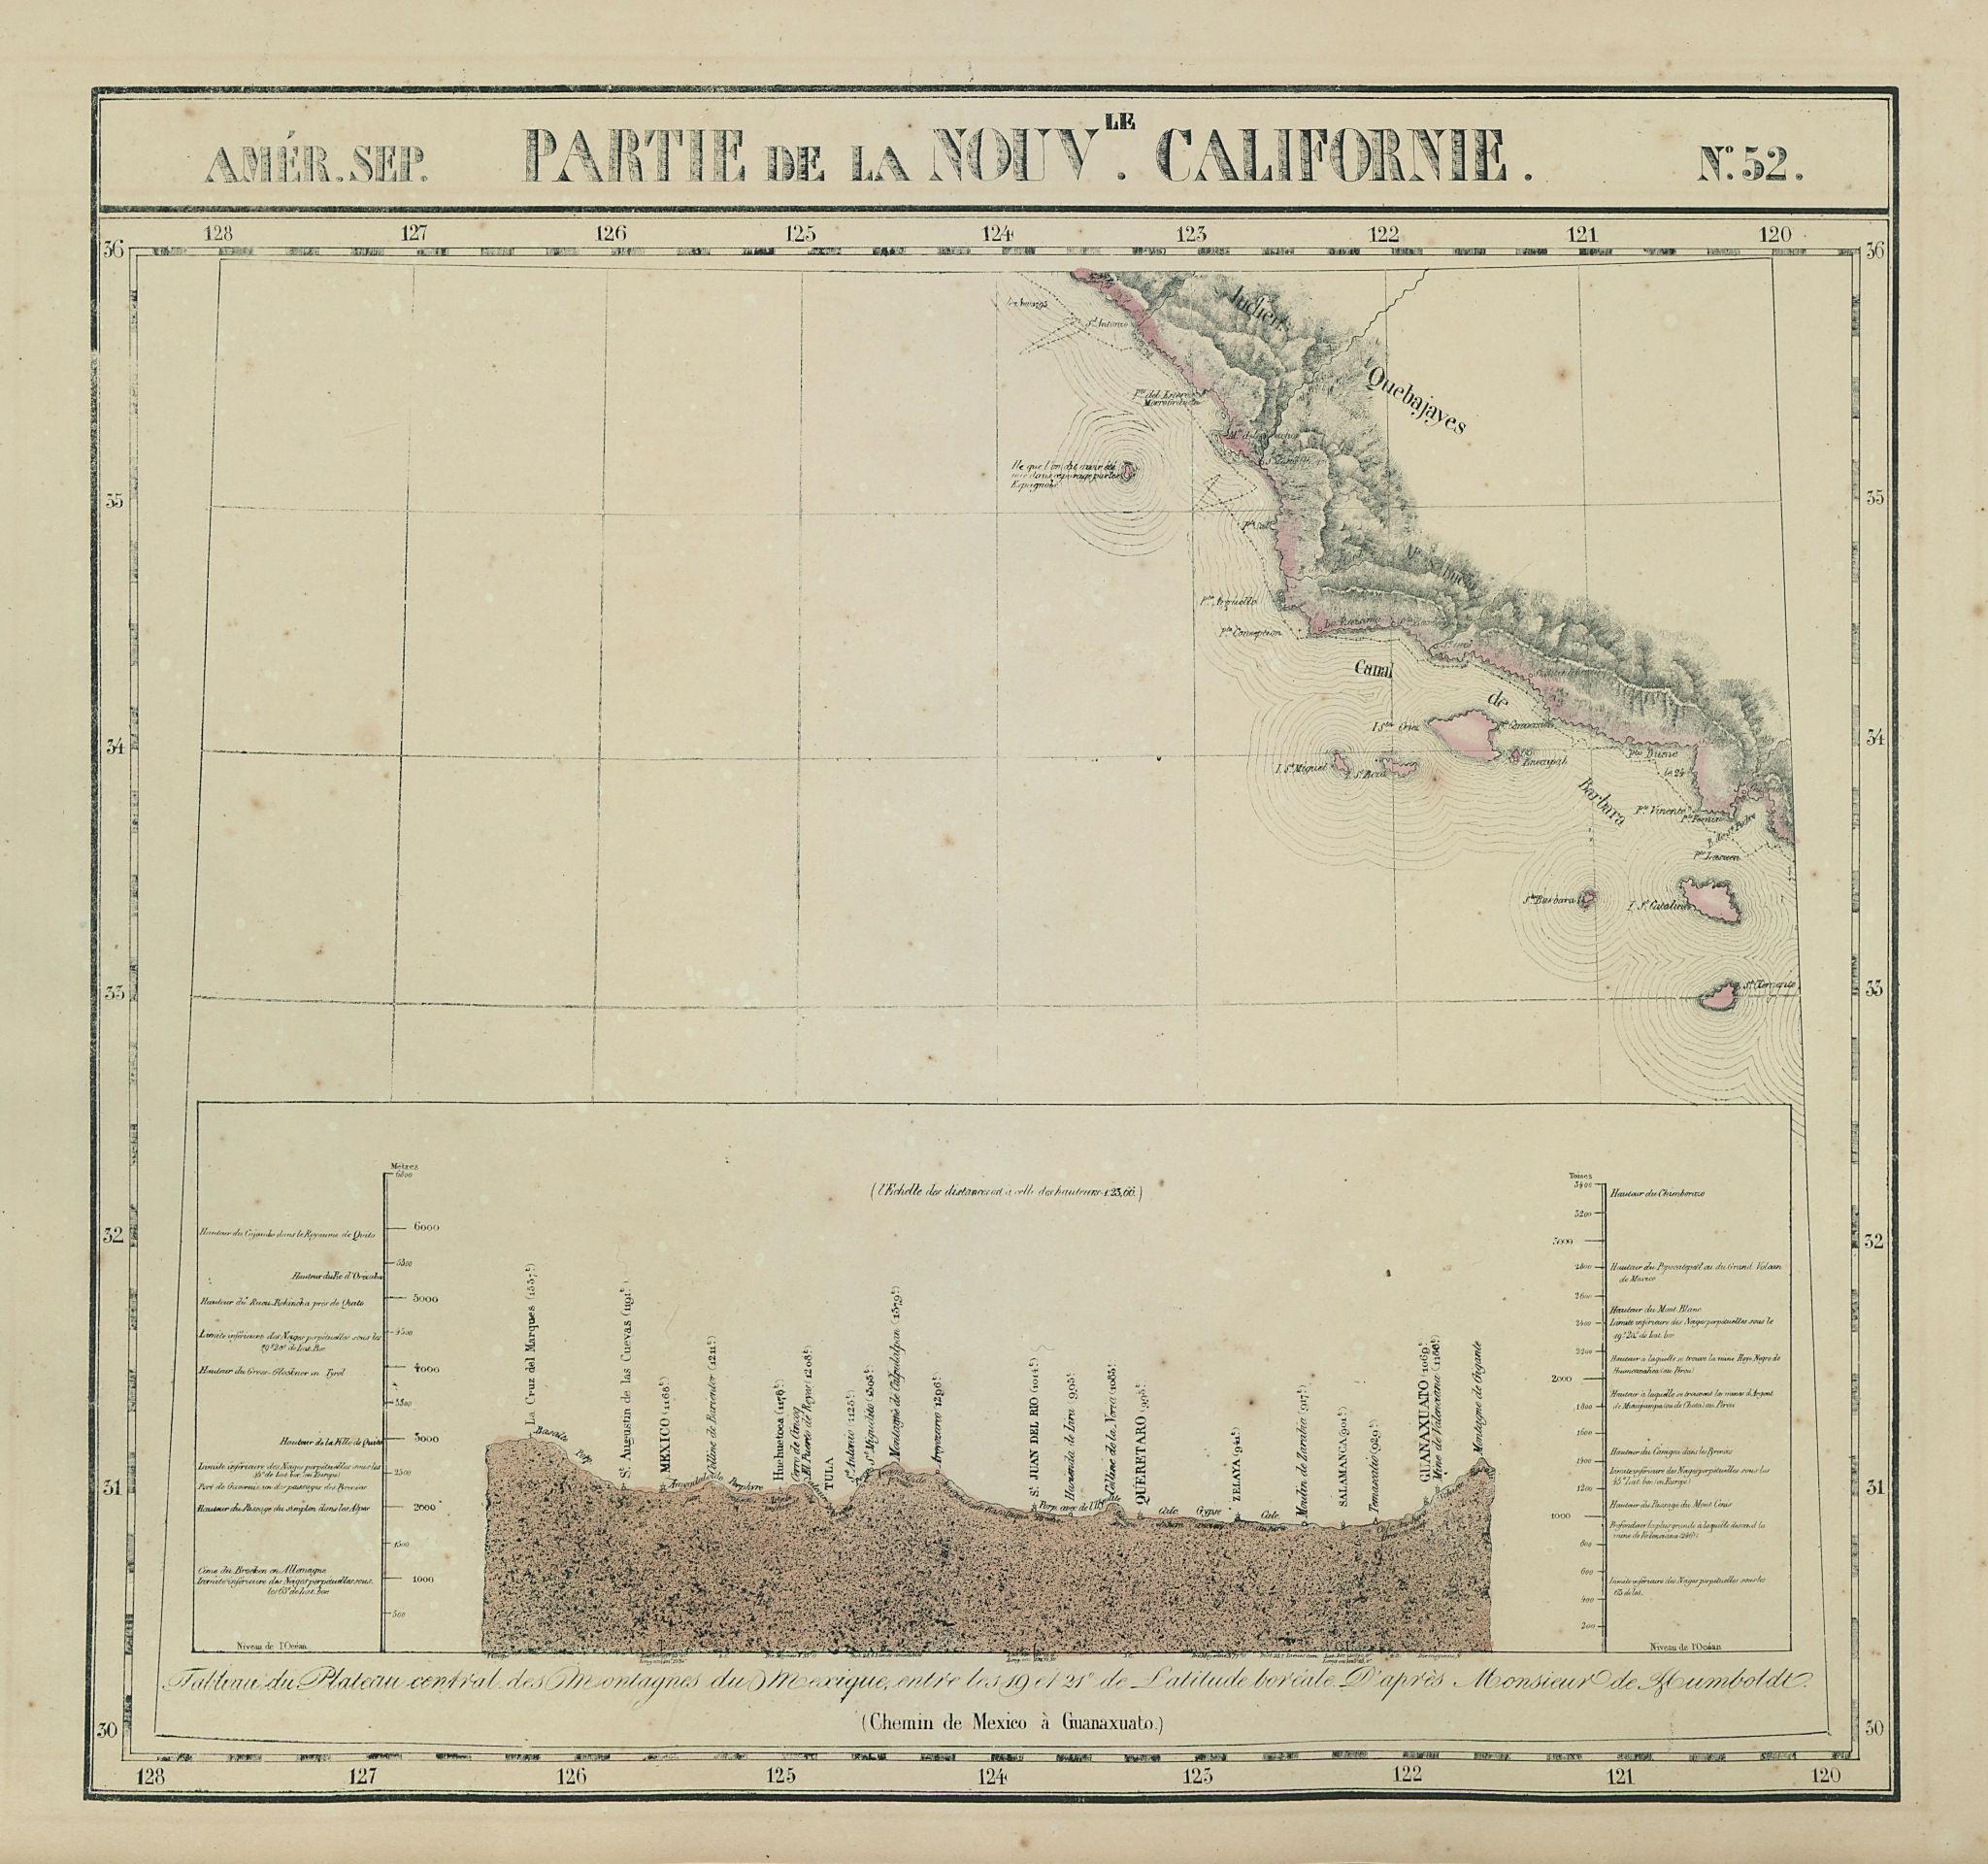 Amér Sep Partie de la Nouveau le Californie #52 California VANDERMAELEN 1827 map